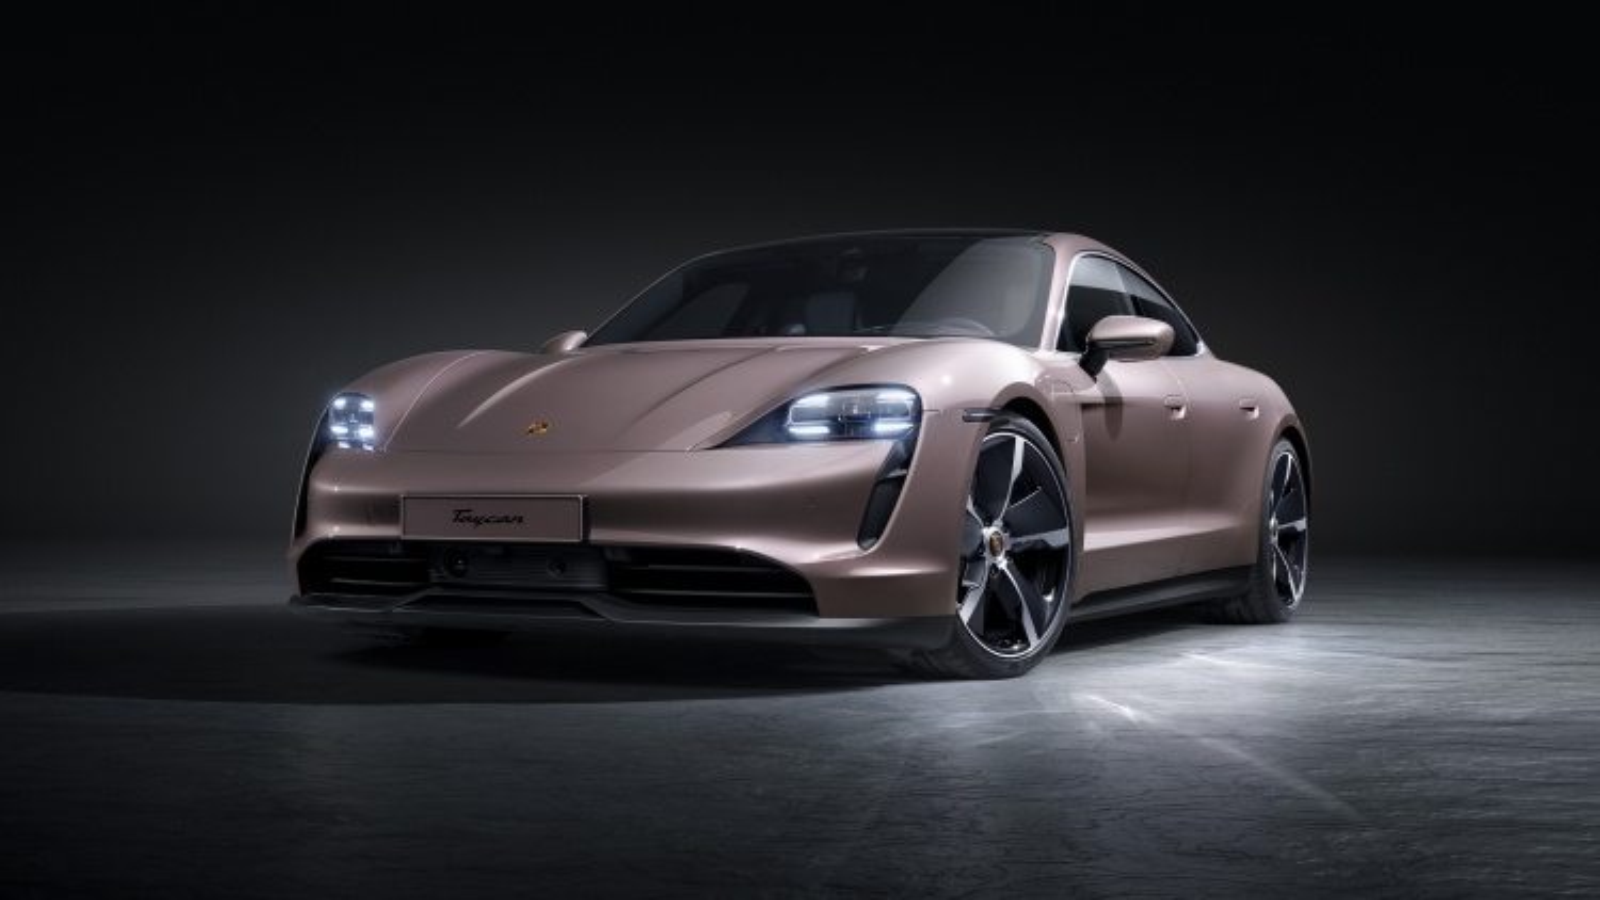 Khám phá Porsche Taycan phiên bản tiêu chuẩn